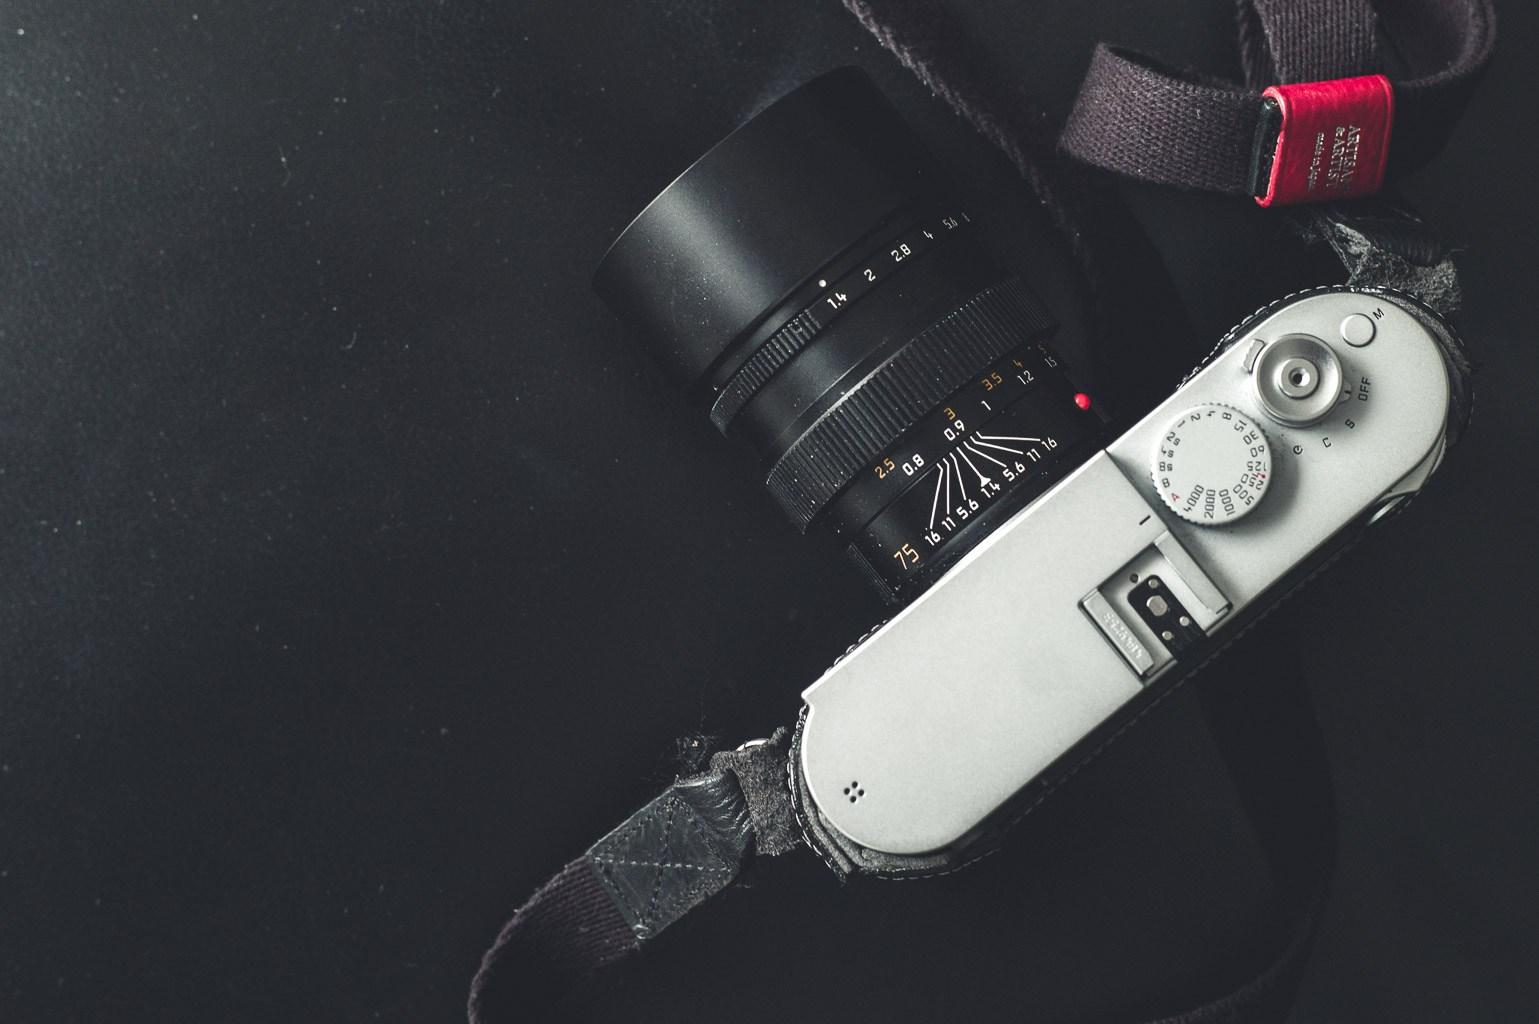 Leica-M-75mm-1.4-Summilux+M240